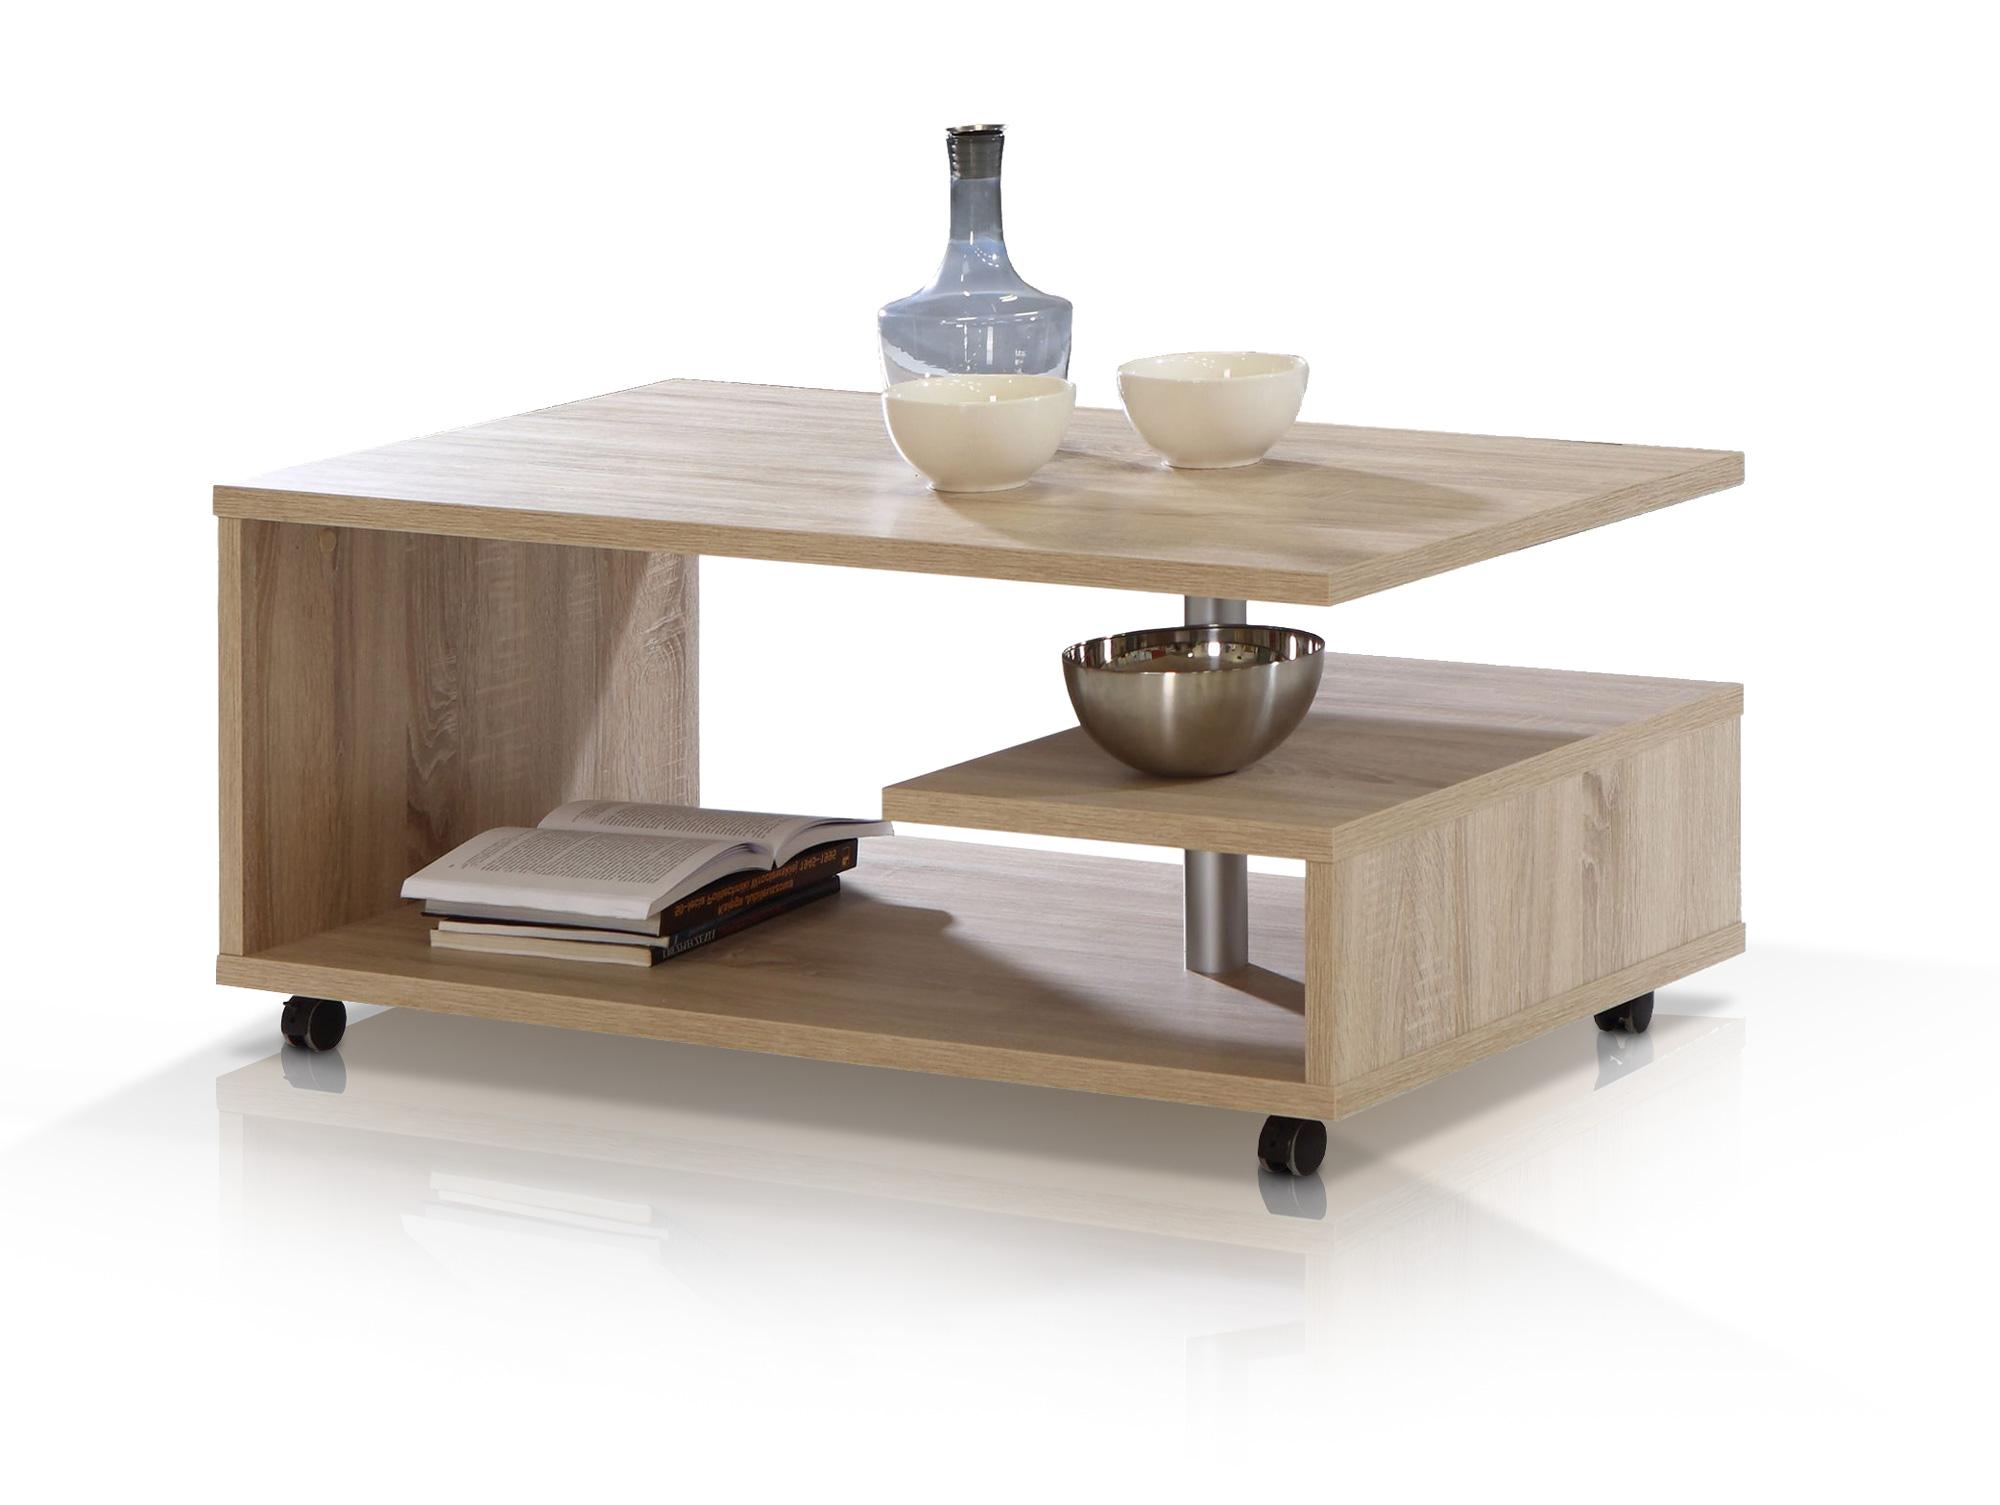 couchtisch asteiche good couchtisch x buche couchtisch x. Black Bedroom Furniture Sets. Home Design Ideas